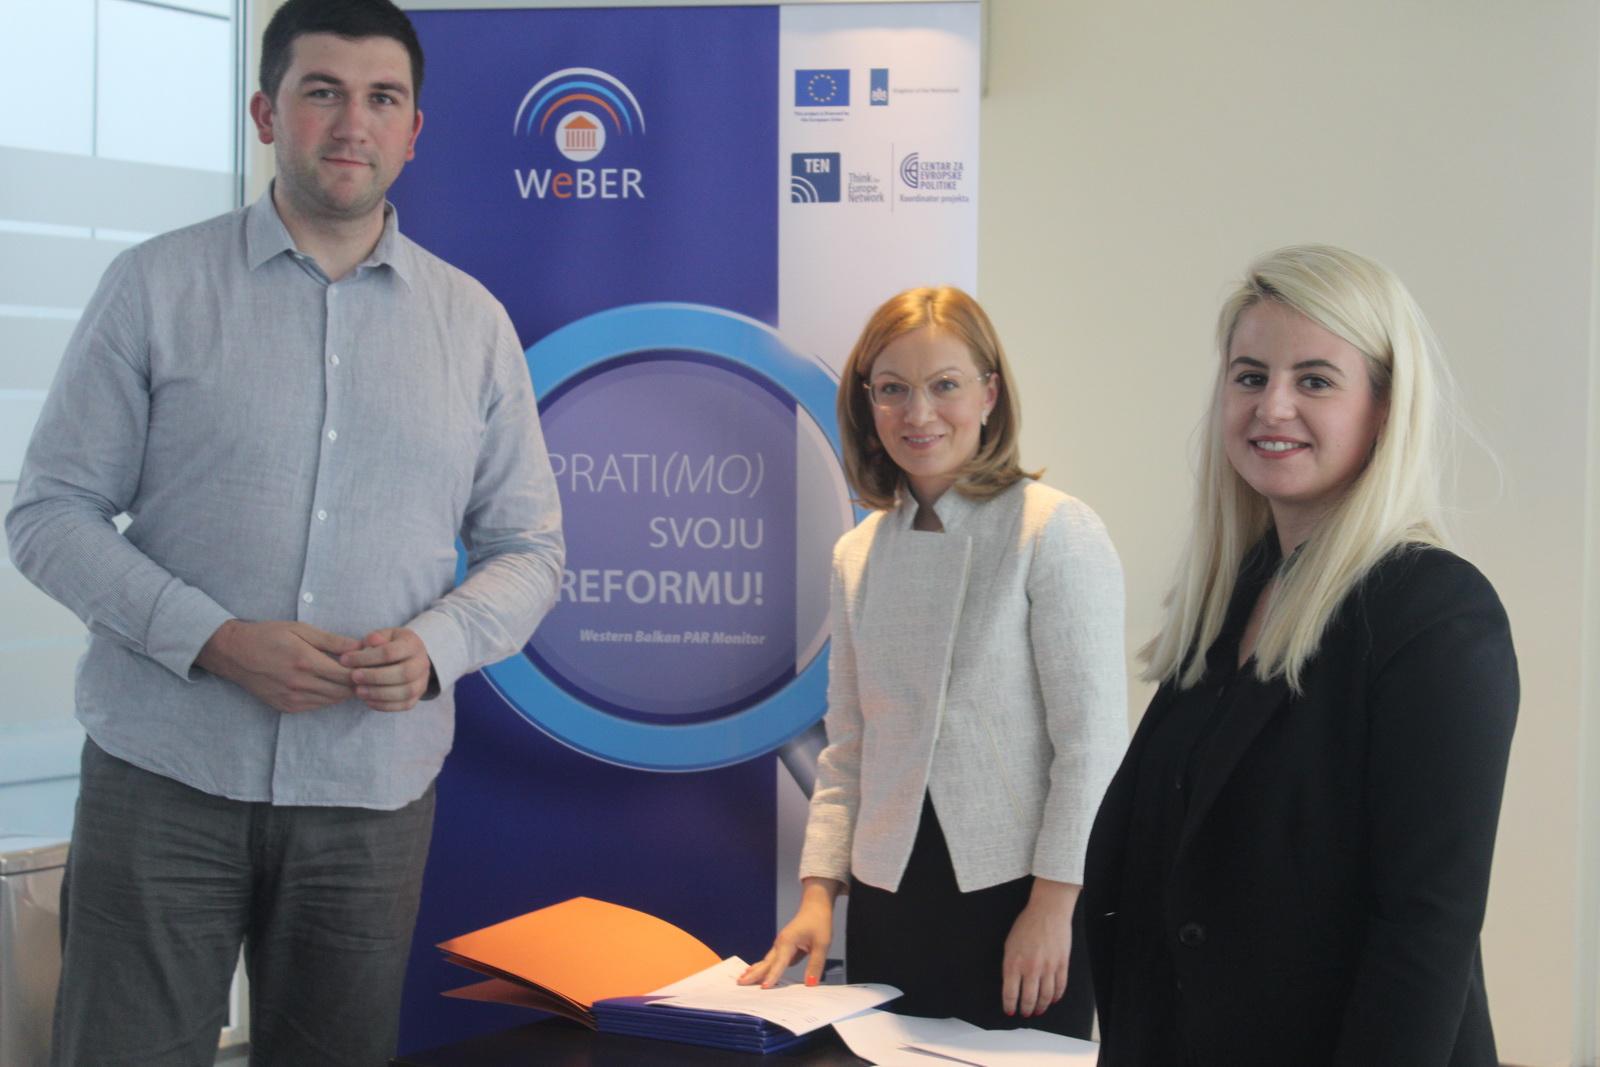 Potpisivanje ugovora za WeBER projekat